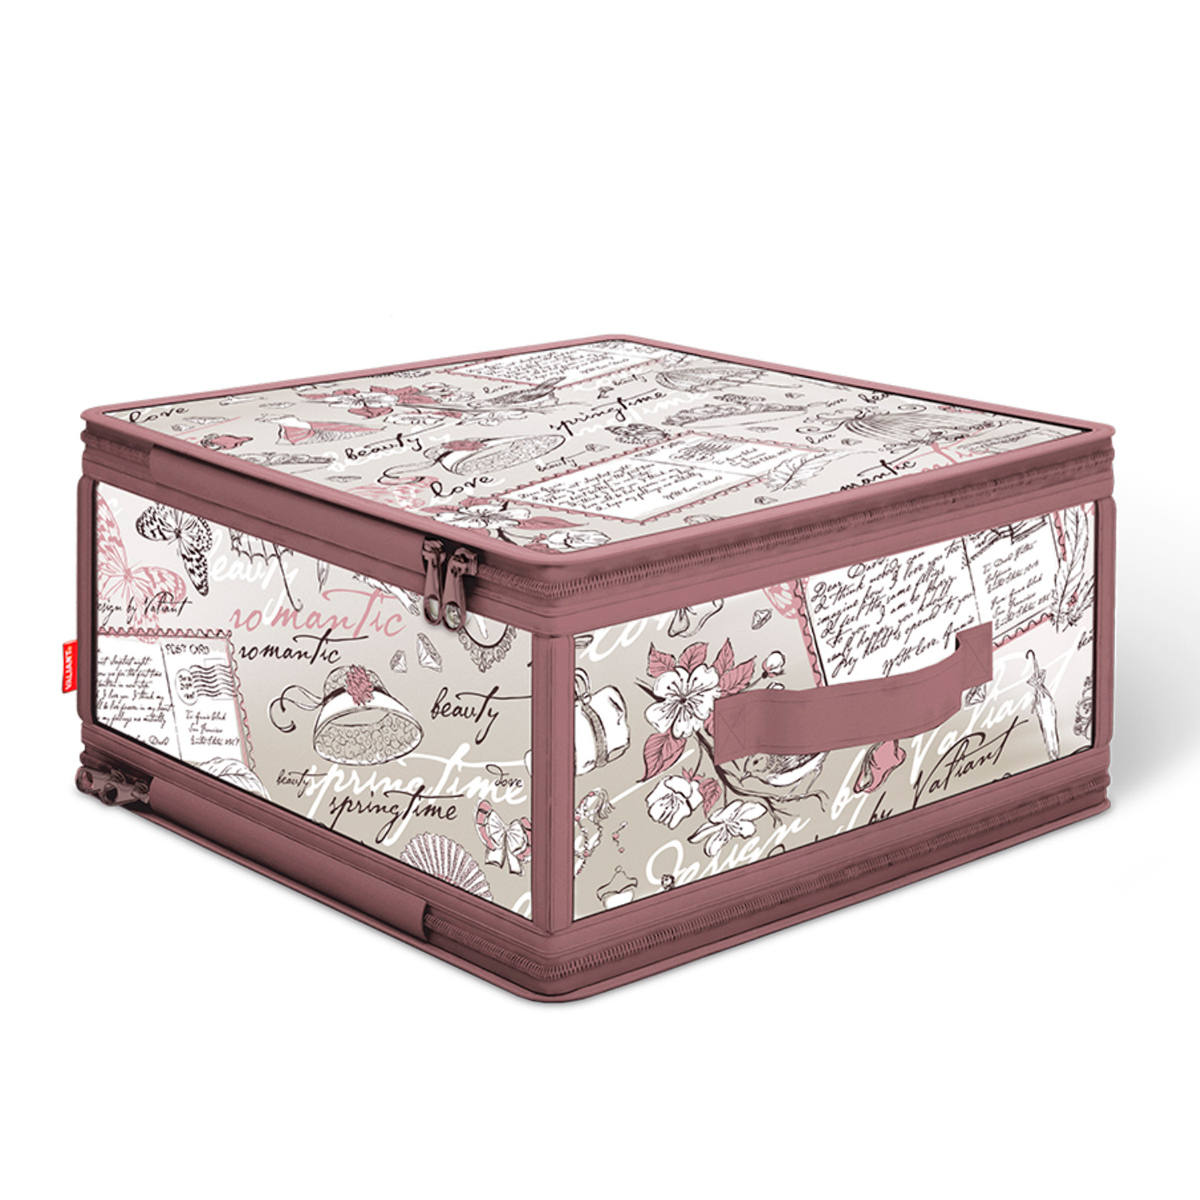 Кофр для хранения Valiant Romantic, 30 см х 28 см х 15 см